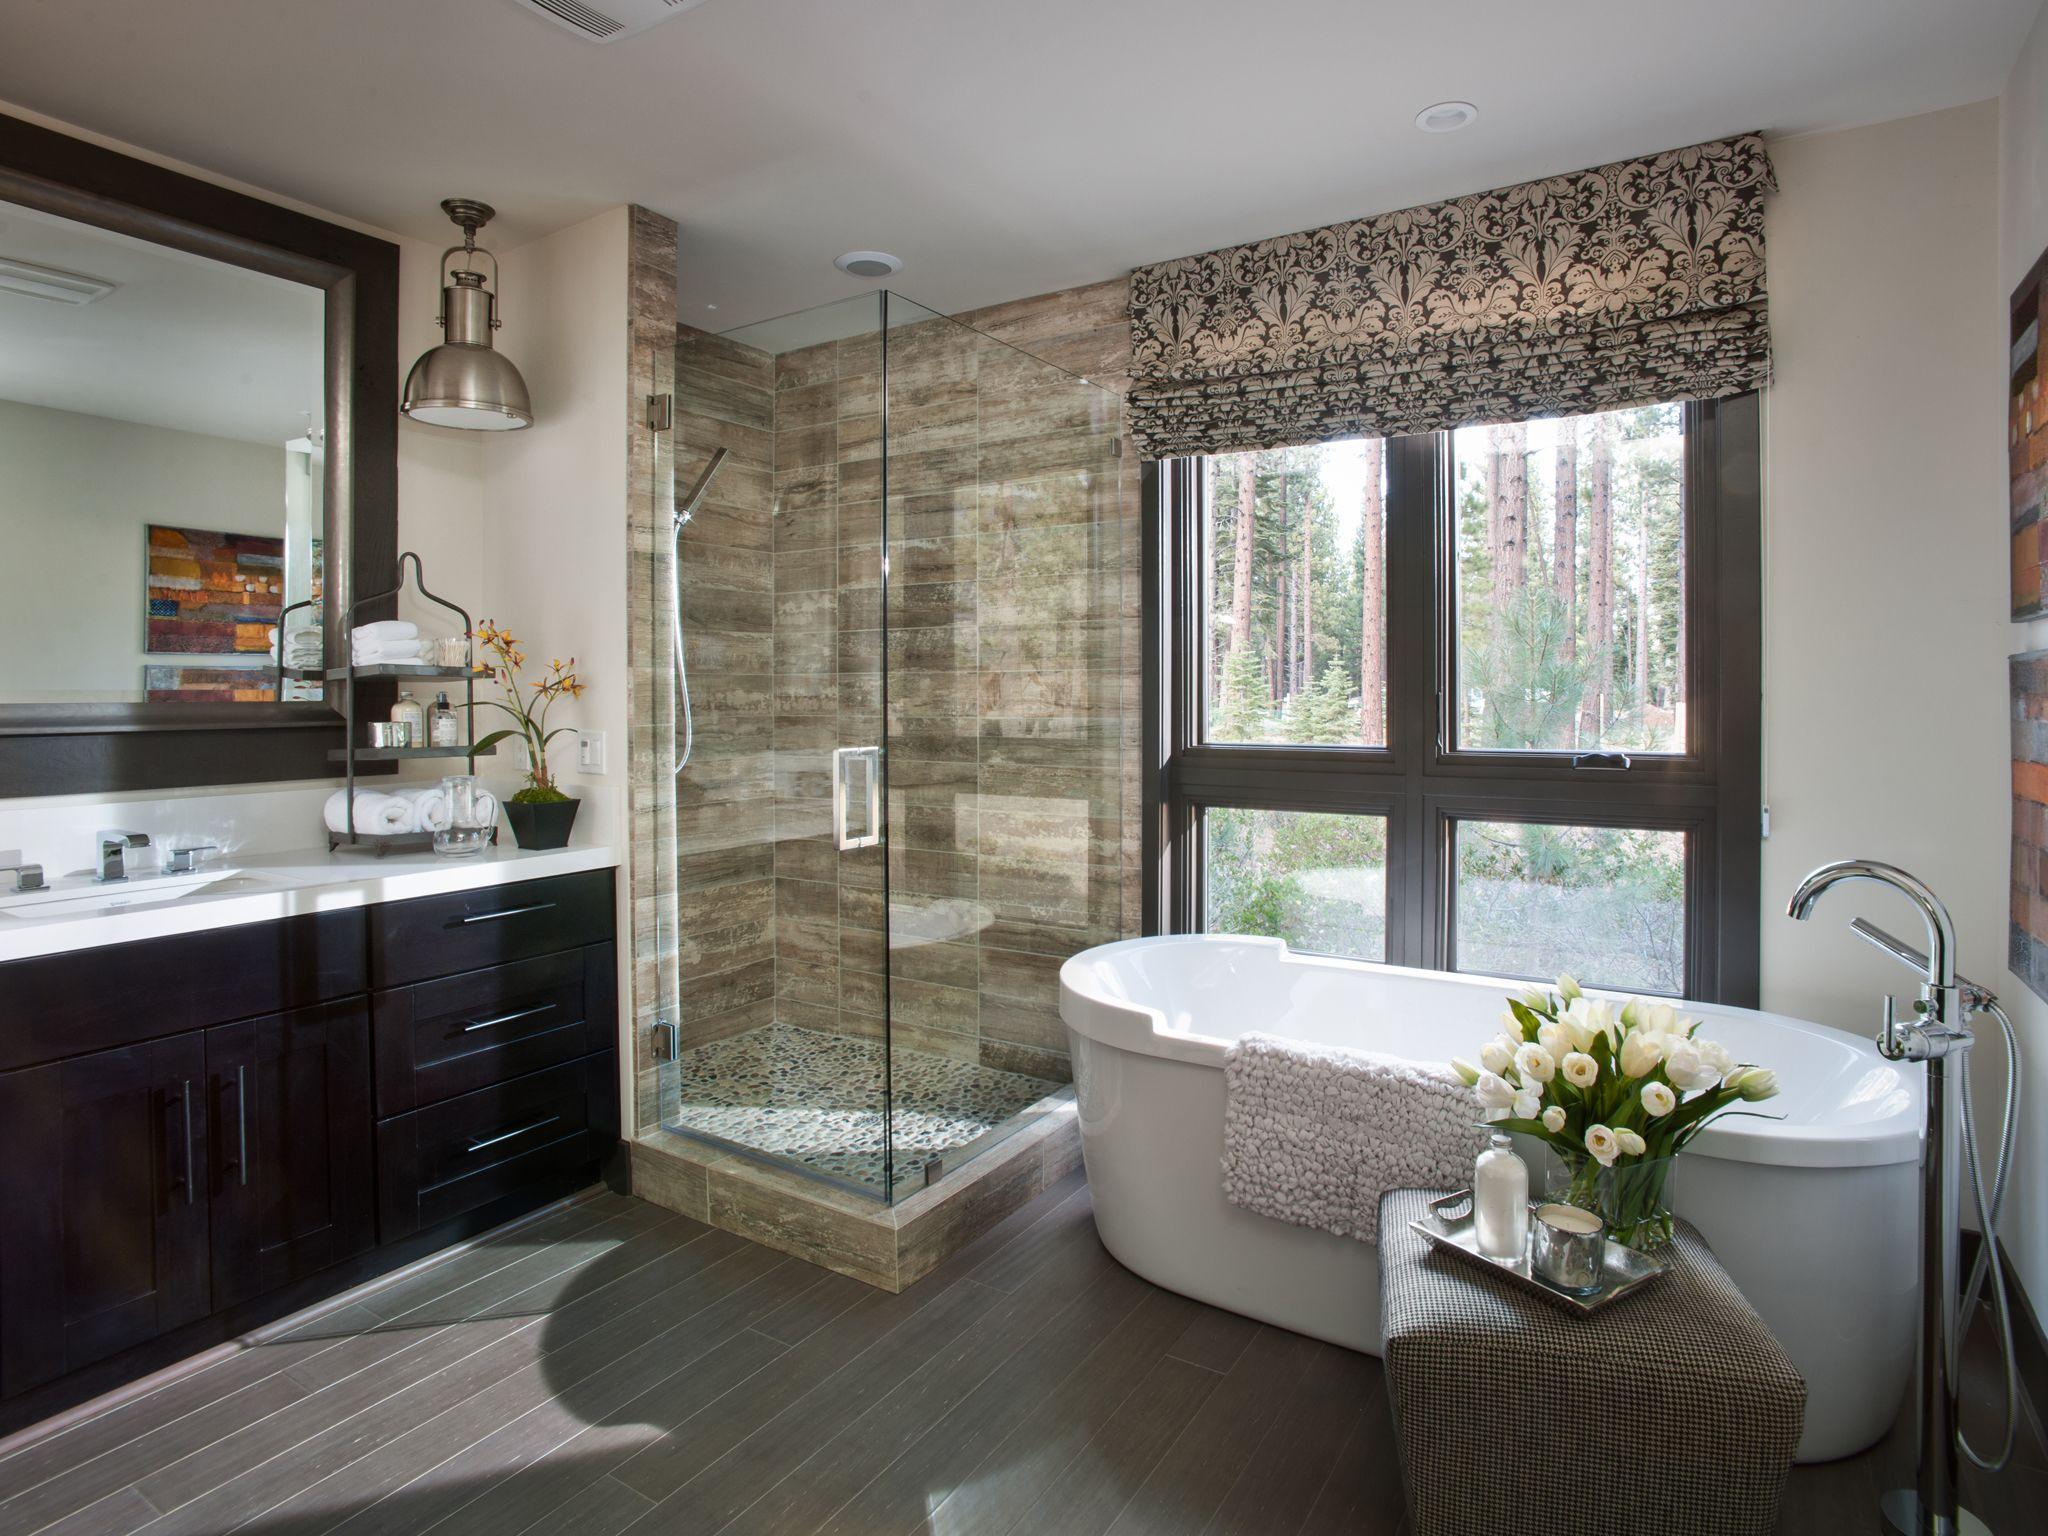 Best Kitchen Gallery: Dream Home 2014 Master Bathroom Hgtv Master Bathrooms And Modern of Hgtv Bathroom Designs  on rachelxblog.com